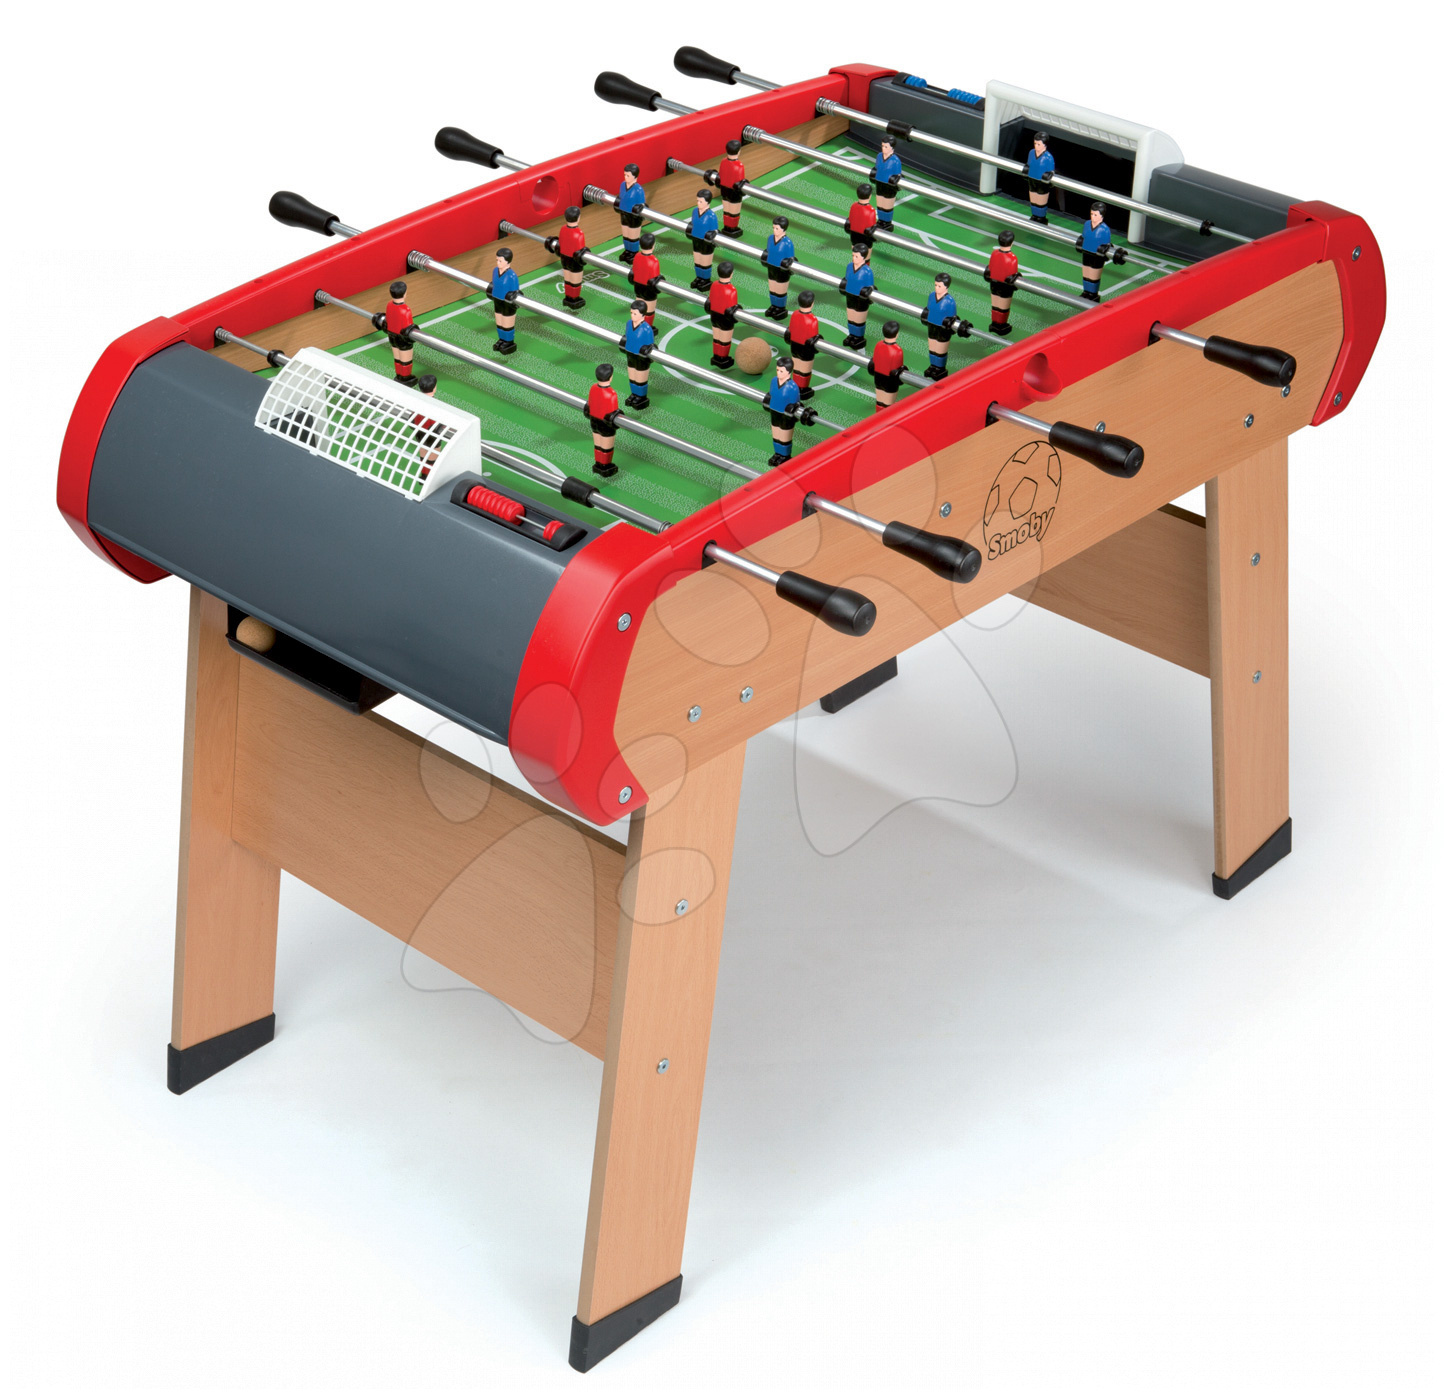 Stolný futbal - Drevený futbalový stôl Champions Smoby od 8 rokov